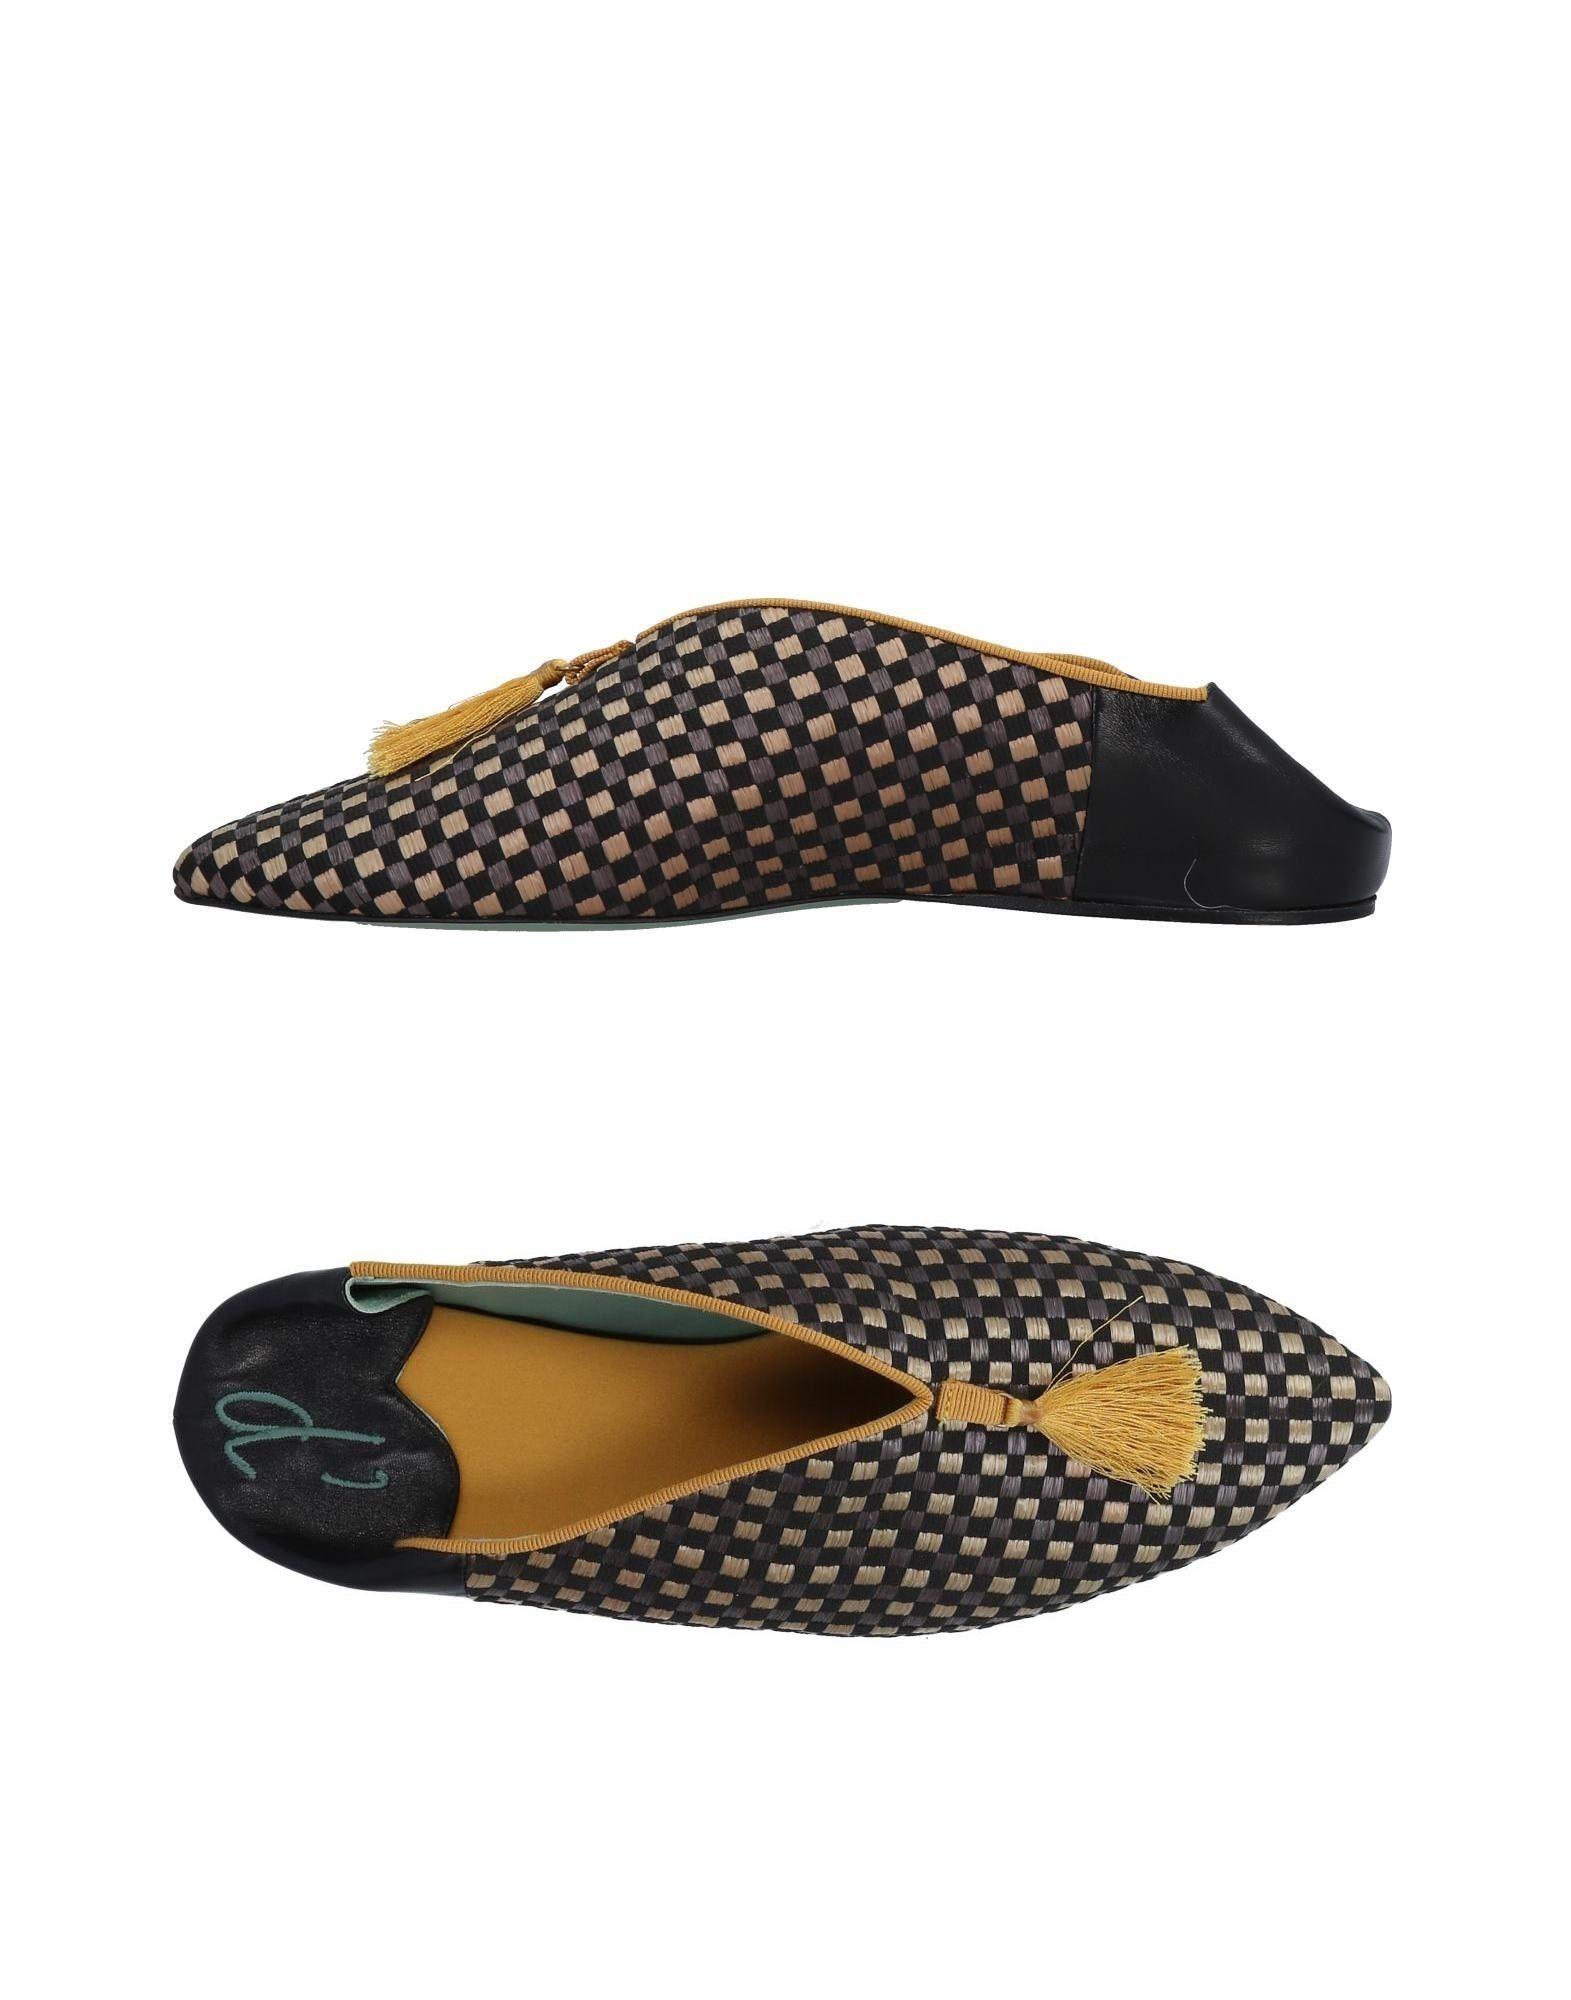 Stilvolle billige Schuhe Damen Paola D'arcano Pantoletten Damen Schuhe  11485800DM 5b8de5